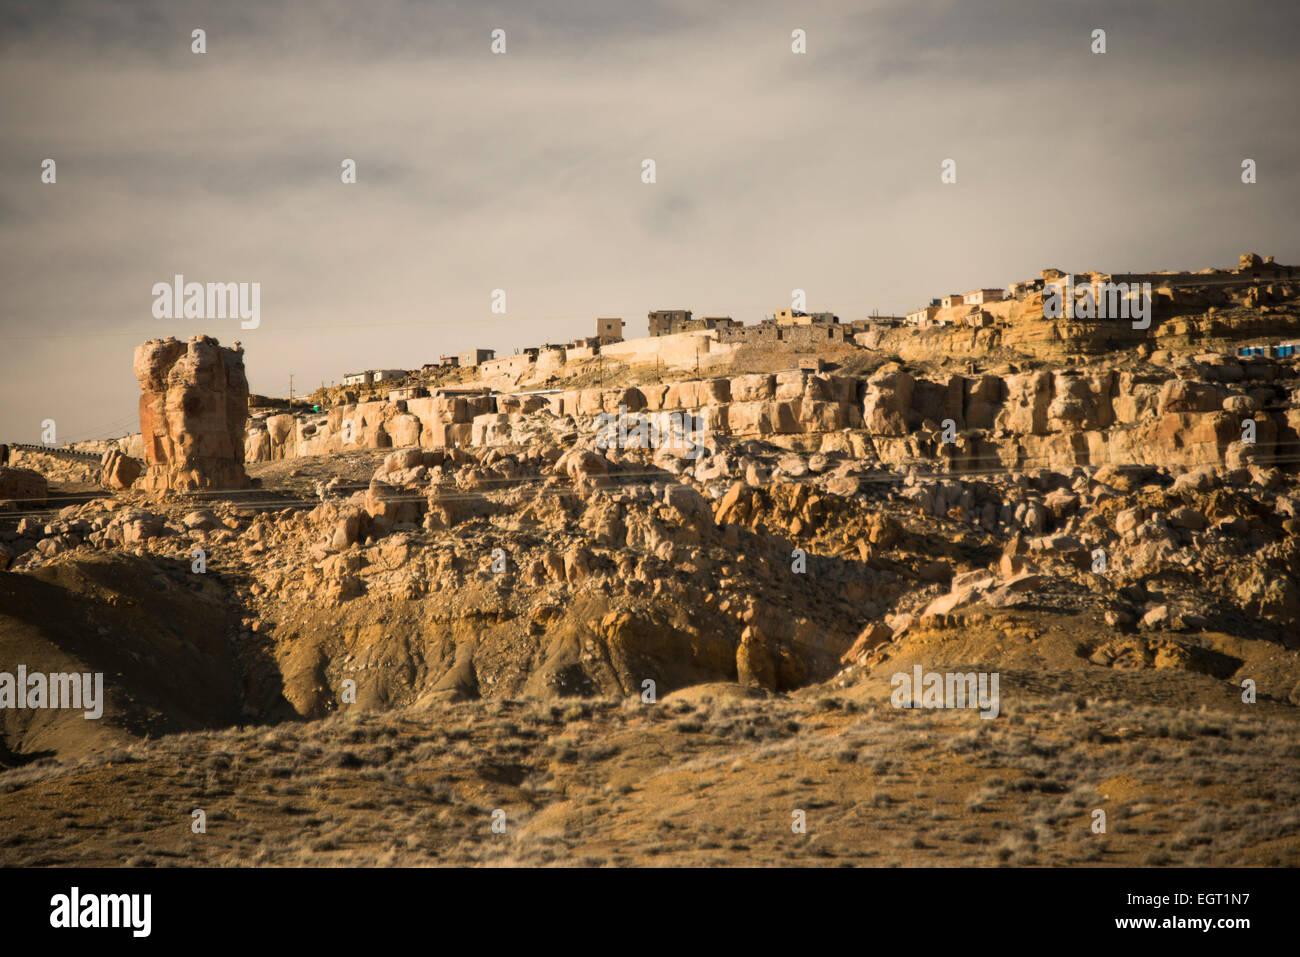 First mesa; Hopi nation; Arizona; United States - Stock Image